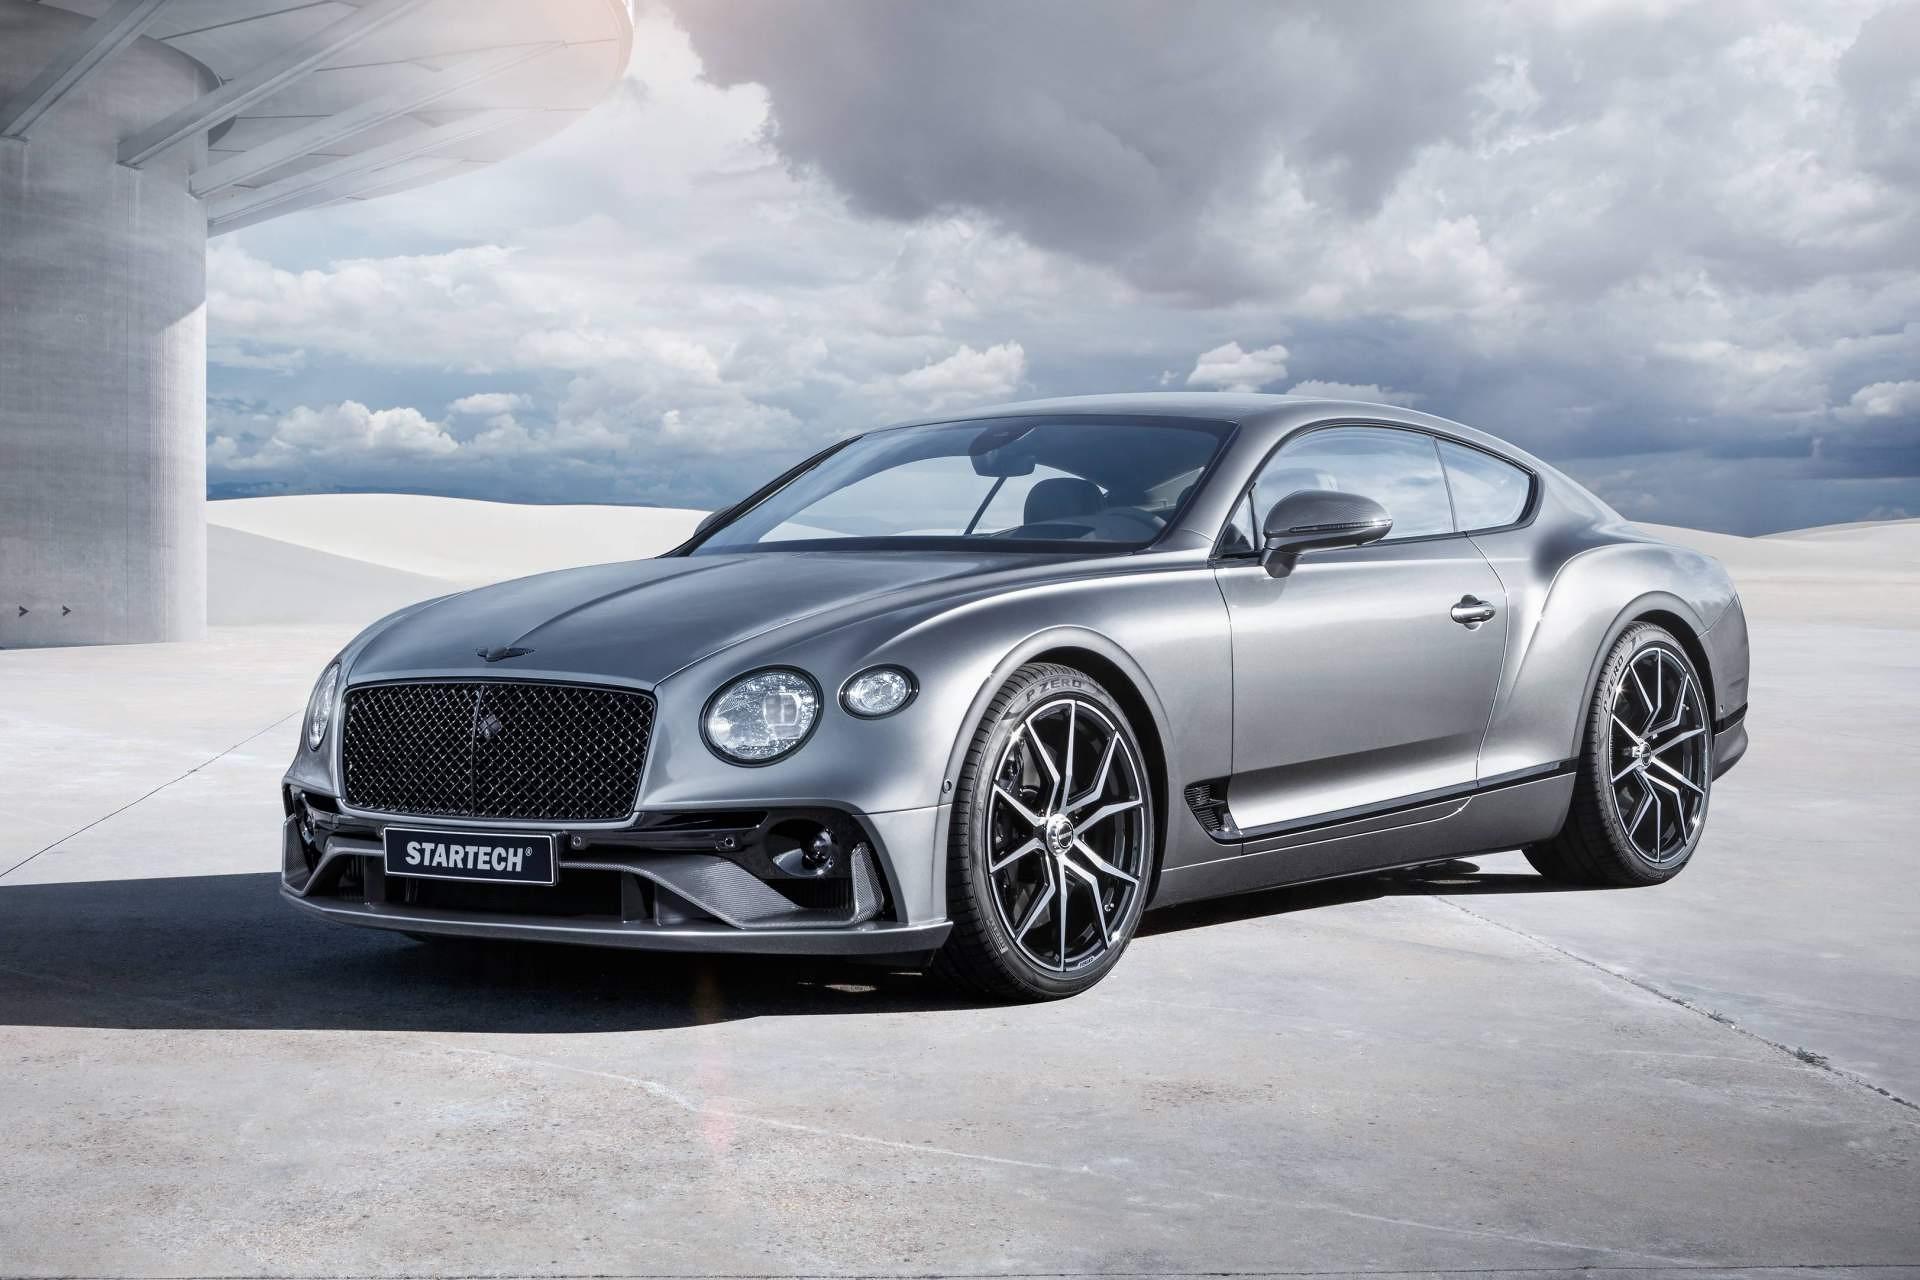 Ngắm Bentley Continental GT sau khi qua tay hãng độ Startech Ảnh 1